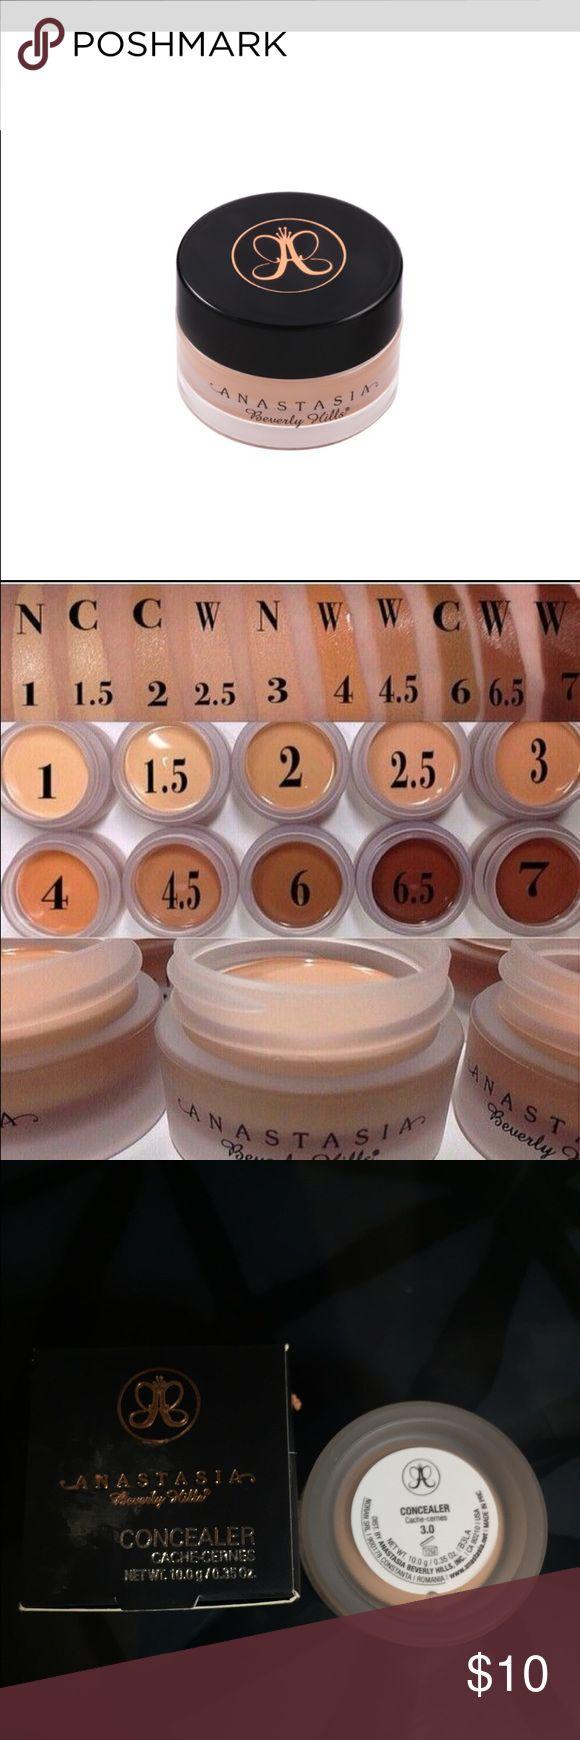 Anastasia Beverly Hills concealer 3.0 Anastasia Beverly Hills cream concealer 3.0 New in box. Photo of swatches for color reference. Anastasia Beverly Hills Makeup Concealer